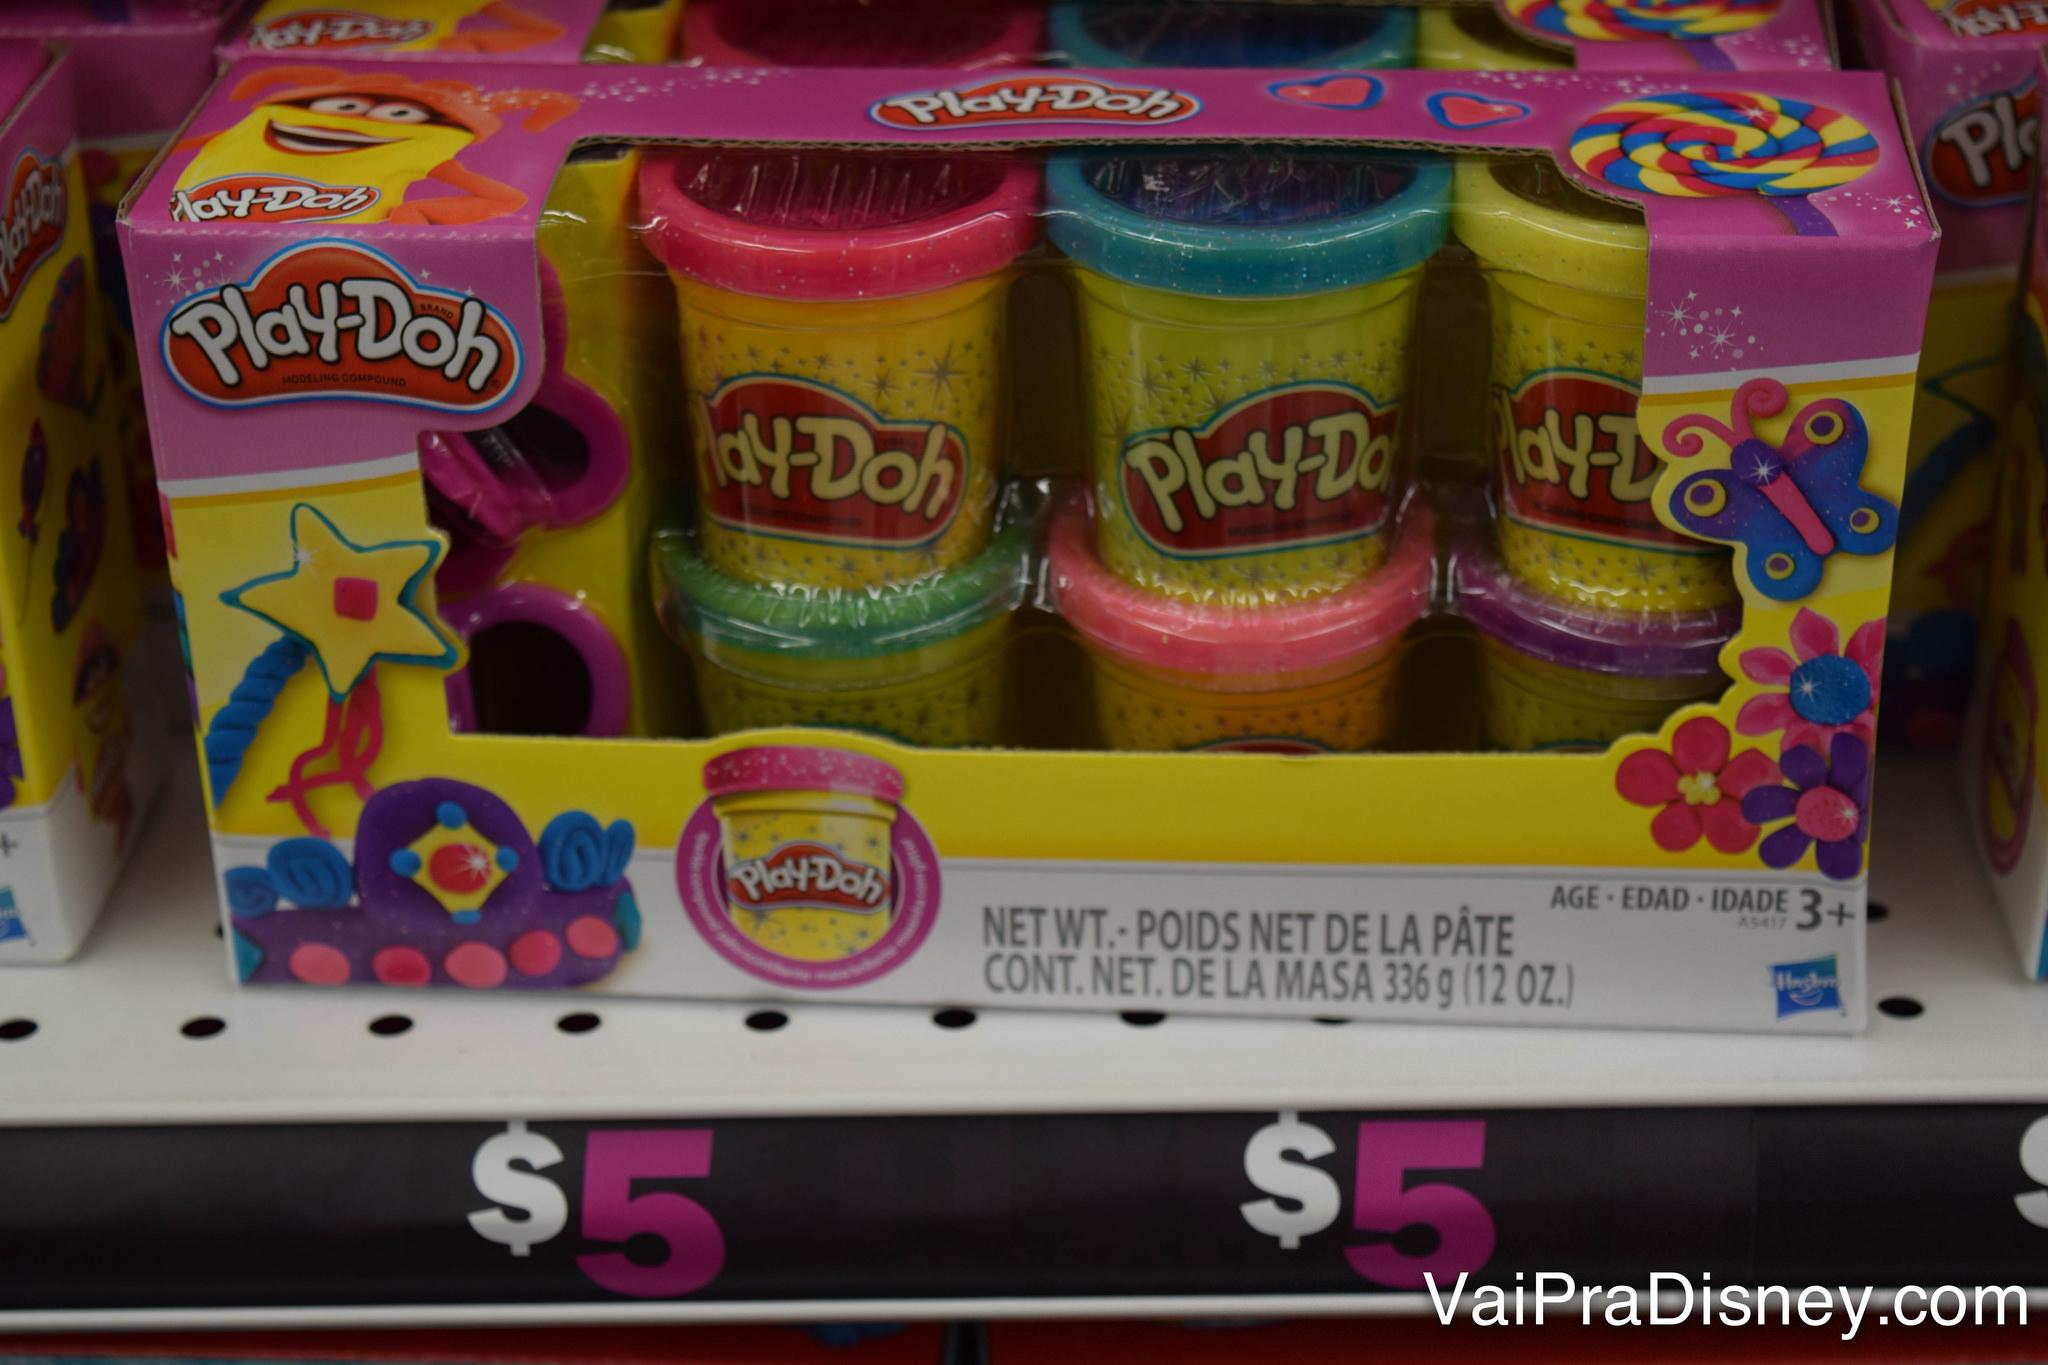 Massinha por 5 dólares! E da Play-Doh nem é genérica nem nada!